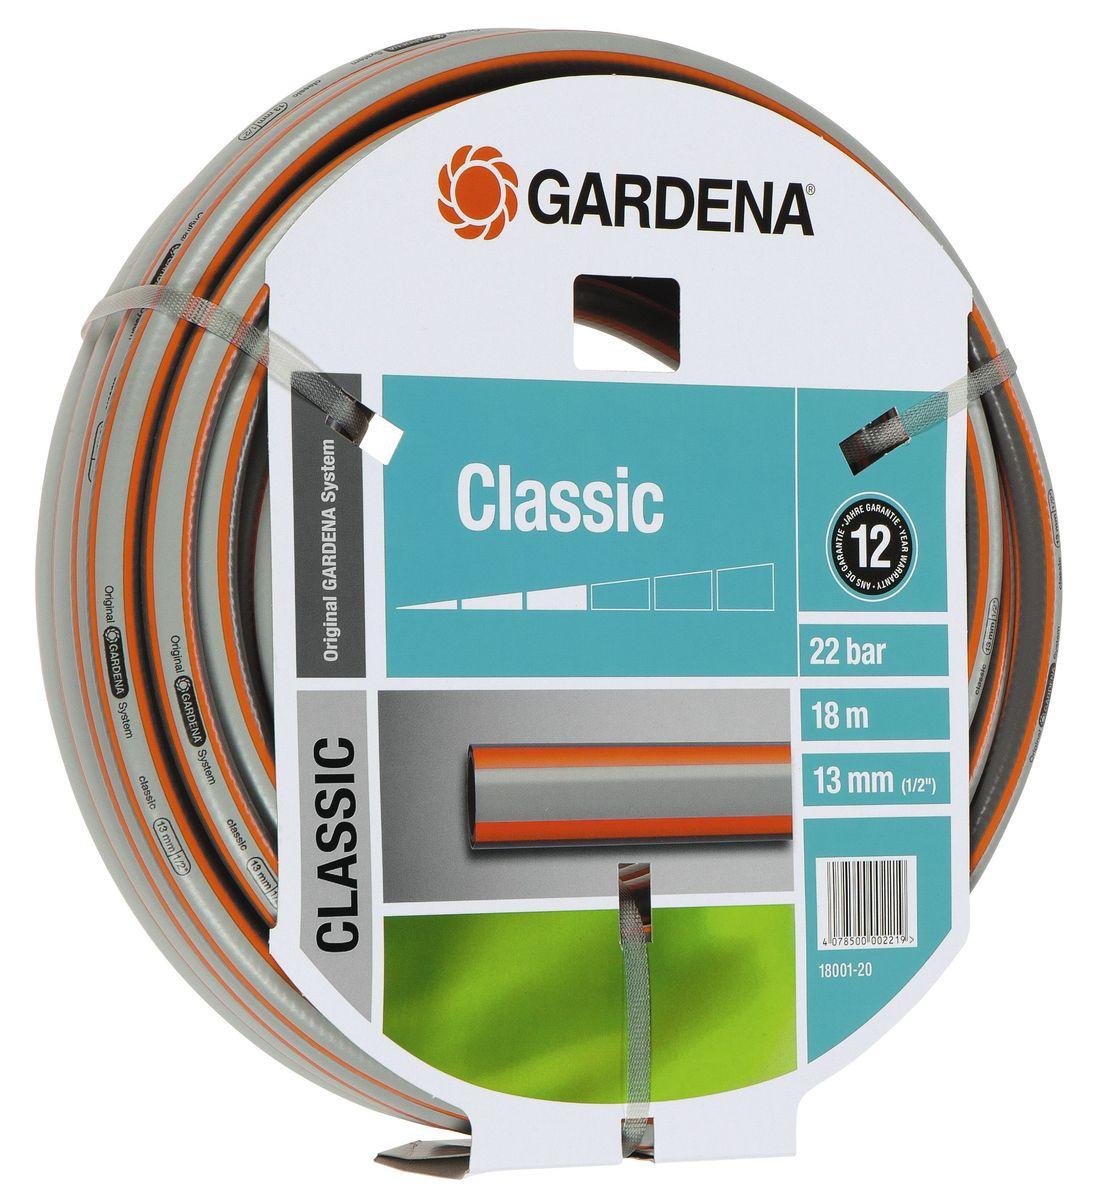 Шланг Gardena Classic, 13 мм (1/2) х 18 мст450-2нсШланг Gardena Classic, прекрасно сохраняет свою форму благодаря высококачественному текстильному армированию, отсутствуют фталаты и тяжелые металлы, невосприимчив к УФ-излучению. Шланг не перегибается, не спутывается, не перекручивается, благодаря спиралевидному текстильному армированию, усиленному углеродными волокнами. Шланг Gardena Classic оптимально сочетается с компонентами базовой системы полива. Идеально подходит для умеренной интенсивности использования. Шланг Gardena Classic выполнен из высококачественного ПВХ и выдерживает давление до 22 бар. Толстые стенки шланга и высококачественные материалы обеспечивают длительный срок службы.